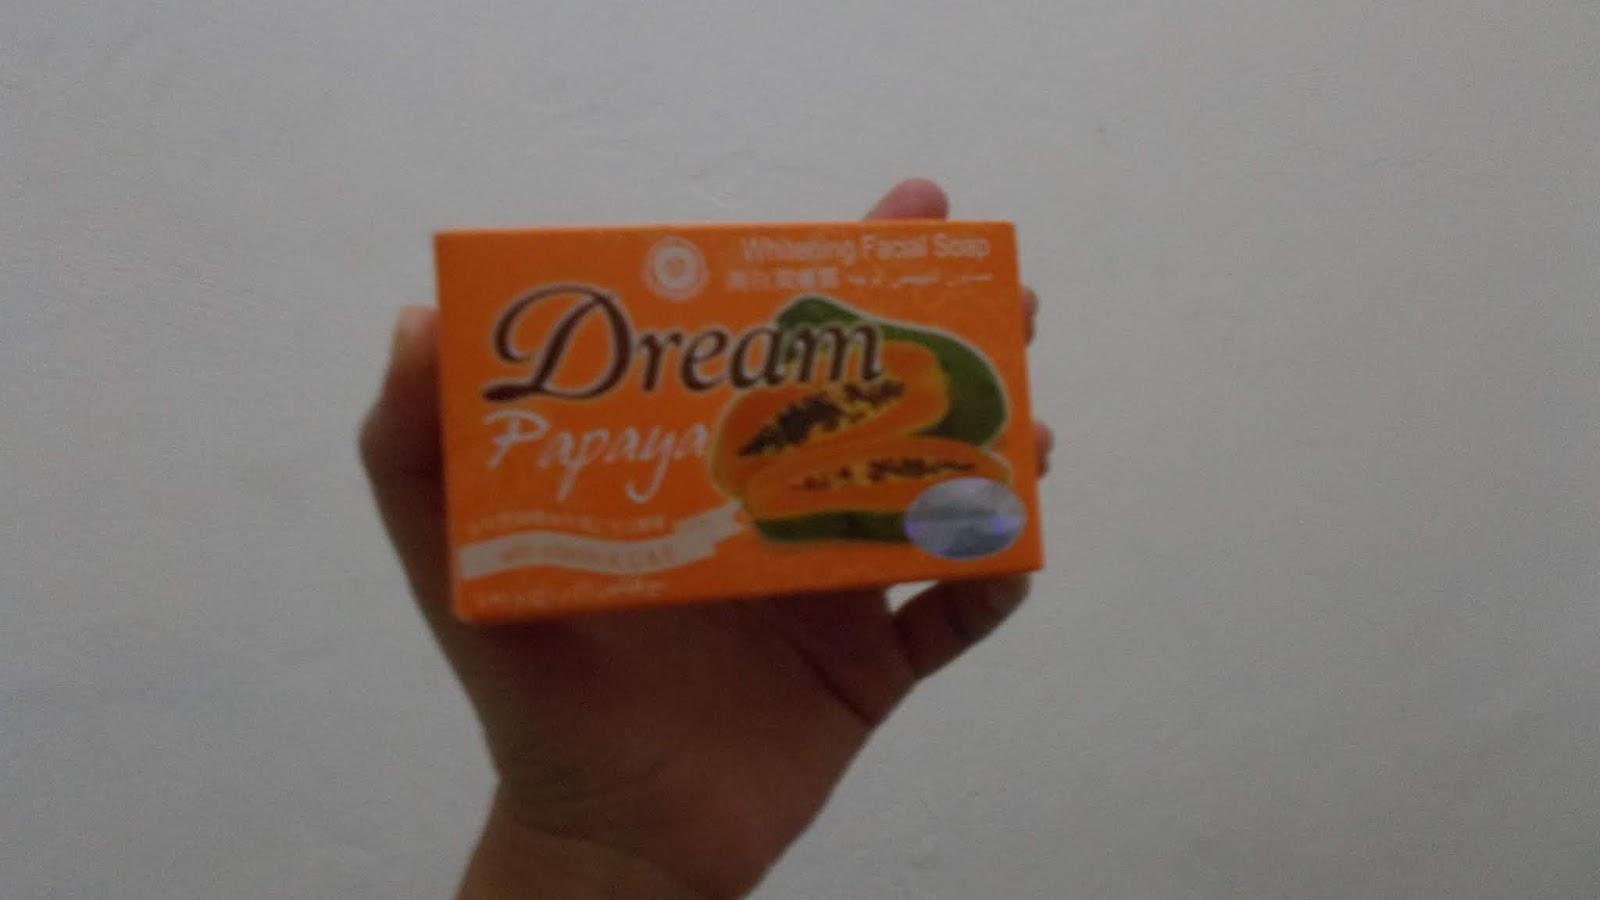 Celoteh Bodoh Review Sabun Pepaya Merk Dream Yang Katanya Bisa Memutihkan